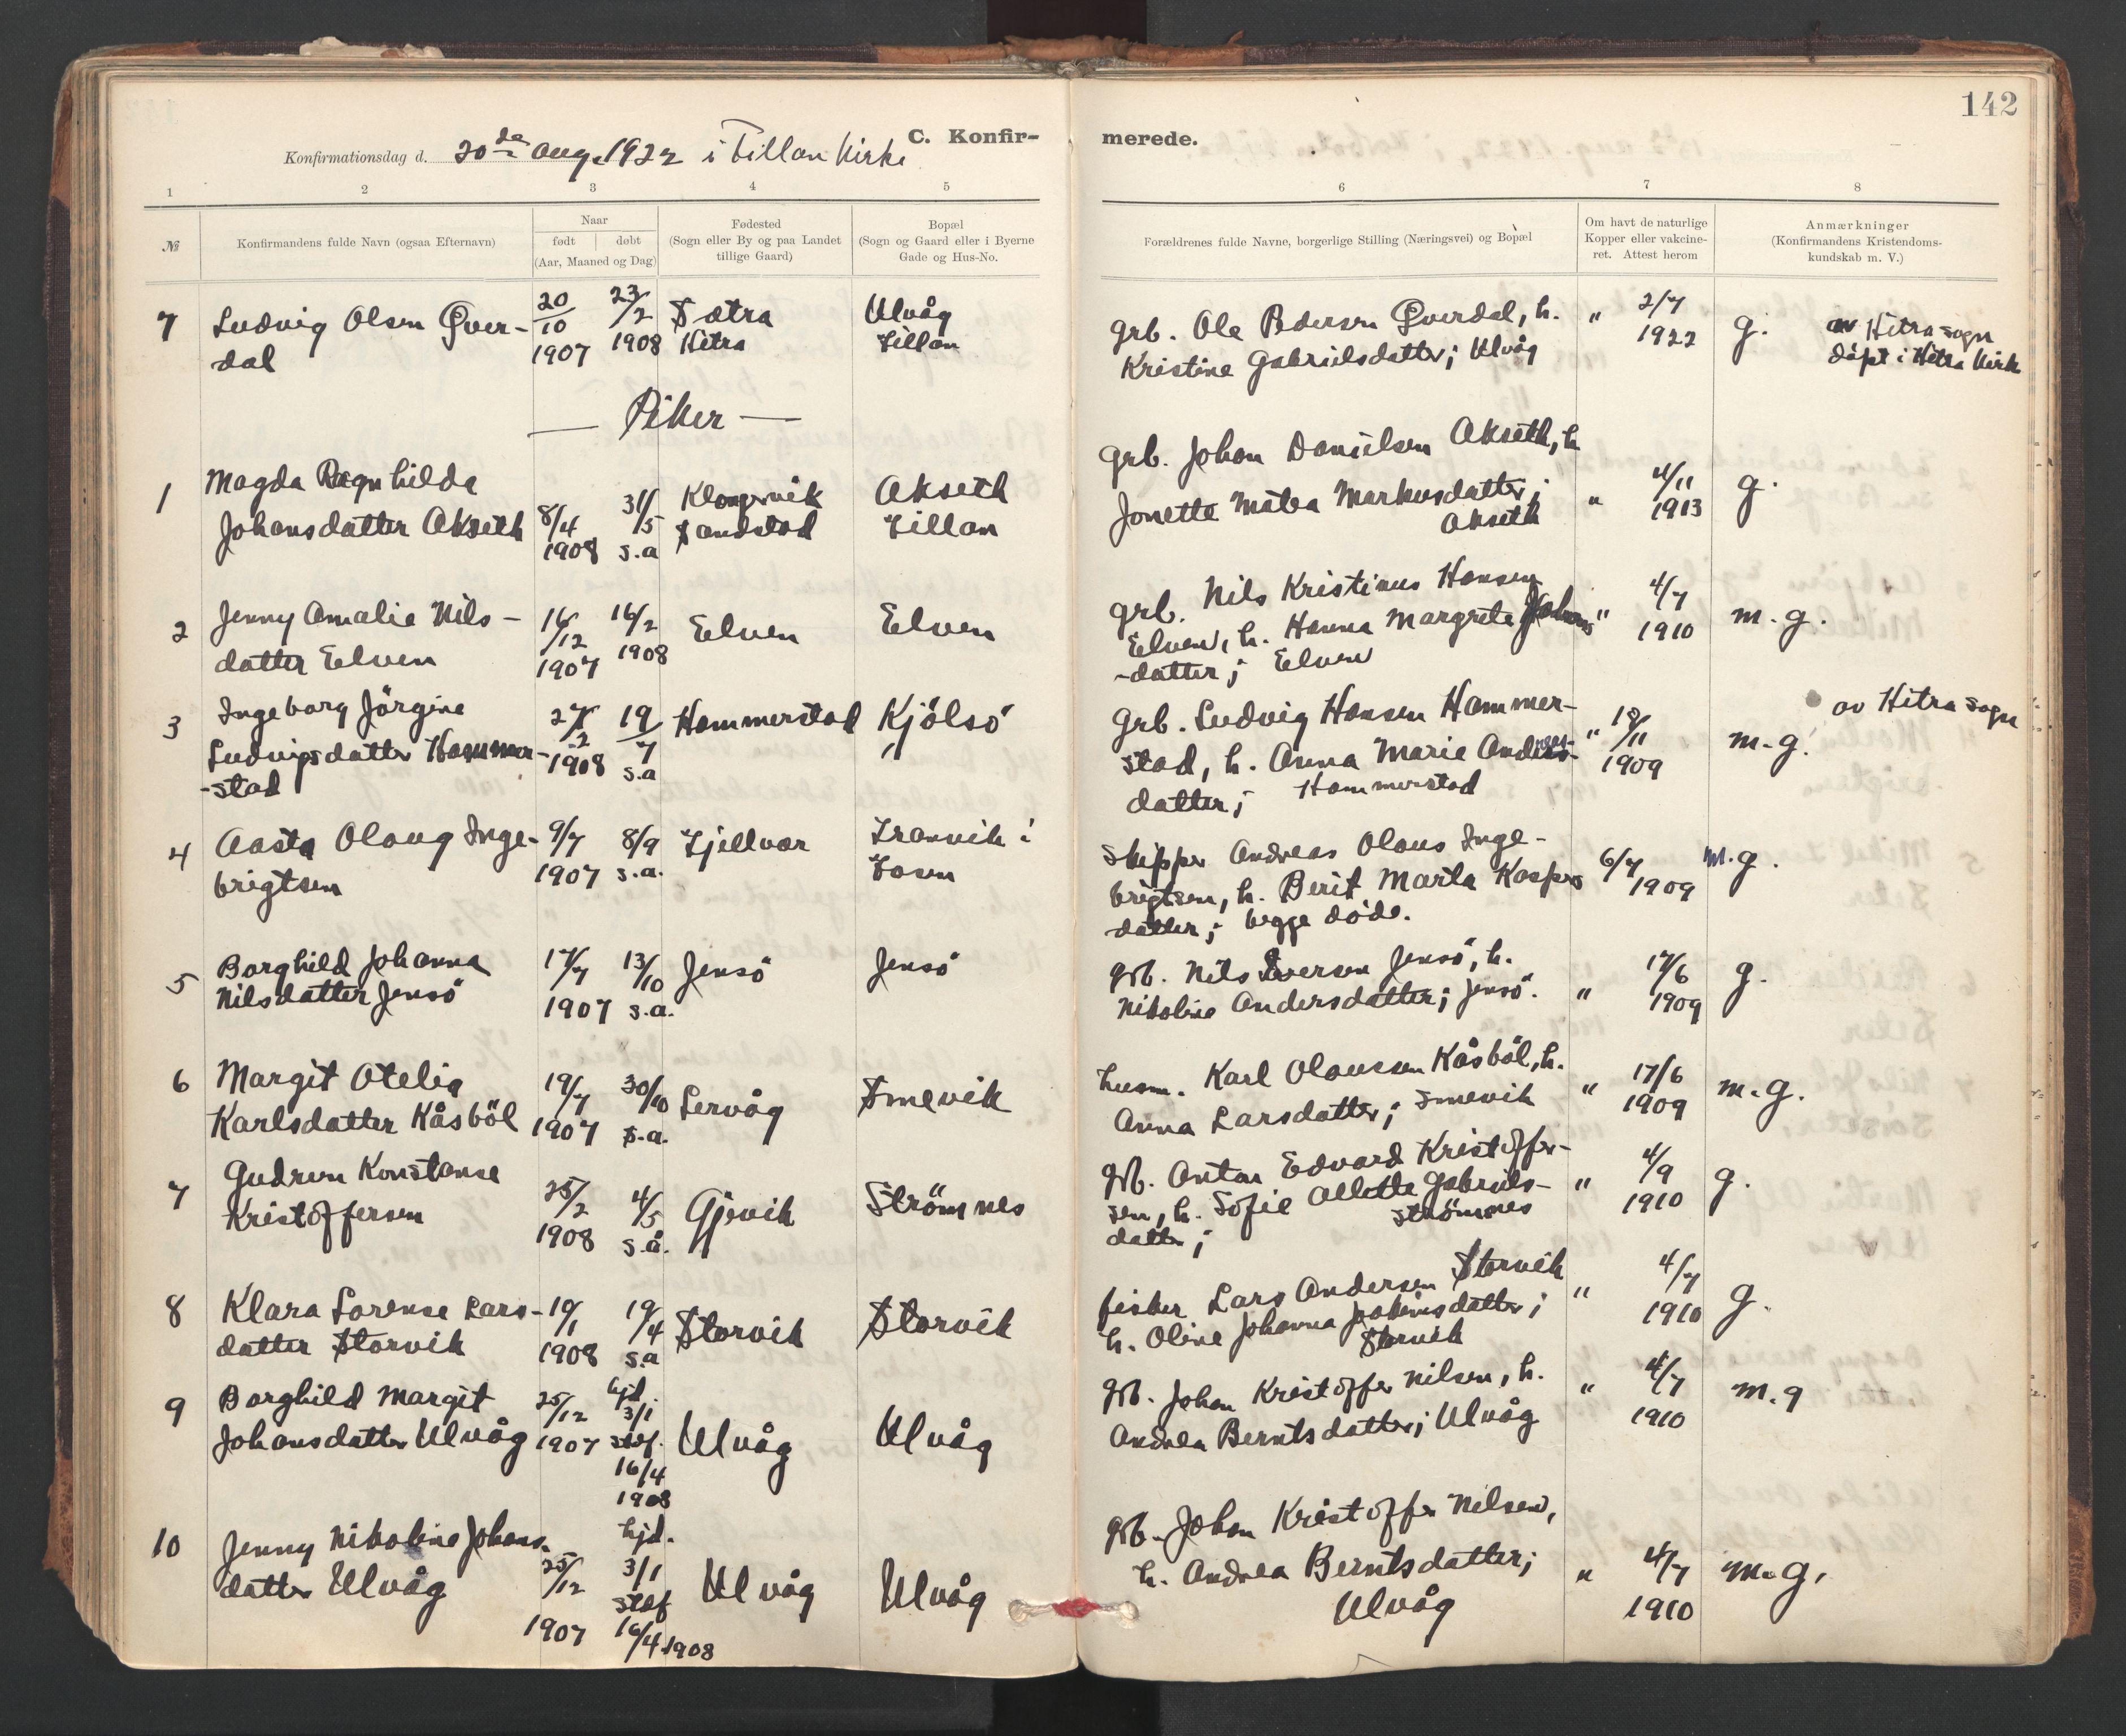 SAT, Ministerialprotokoller, klokkerbøker og fødselsregistre - Sør-Trøndelag, 637/L0559: Ministerialbok nr. 637A02, 1899-1923, s. 142